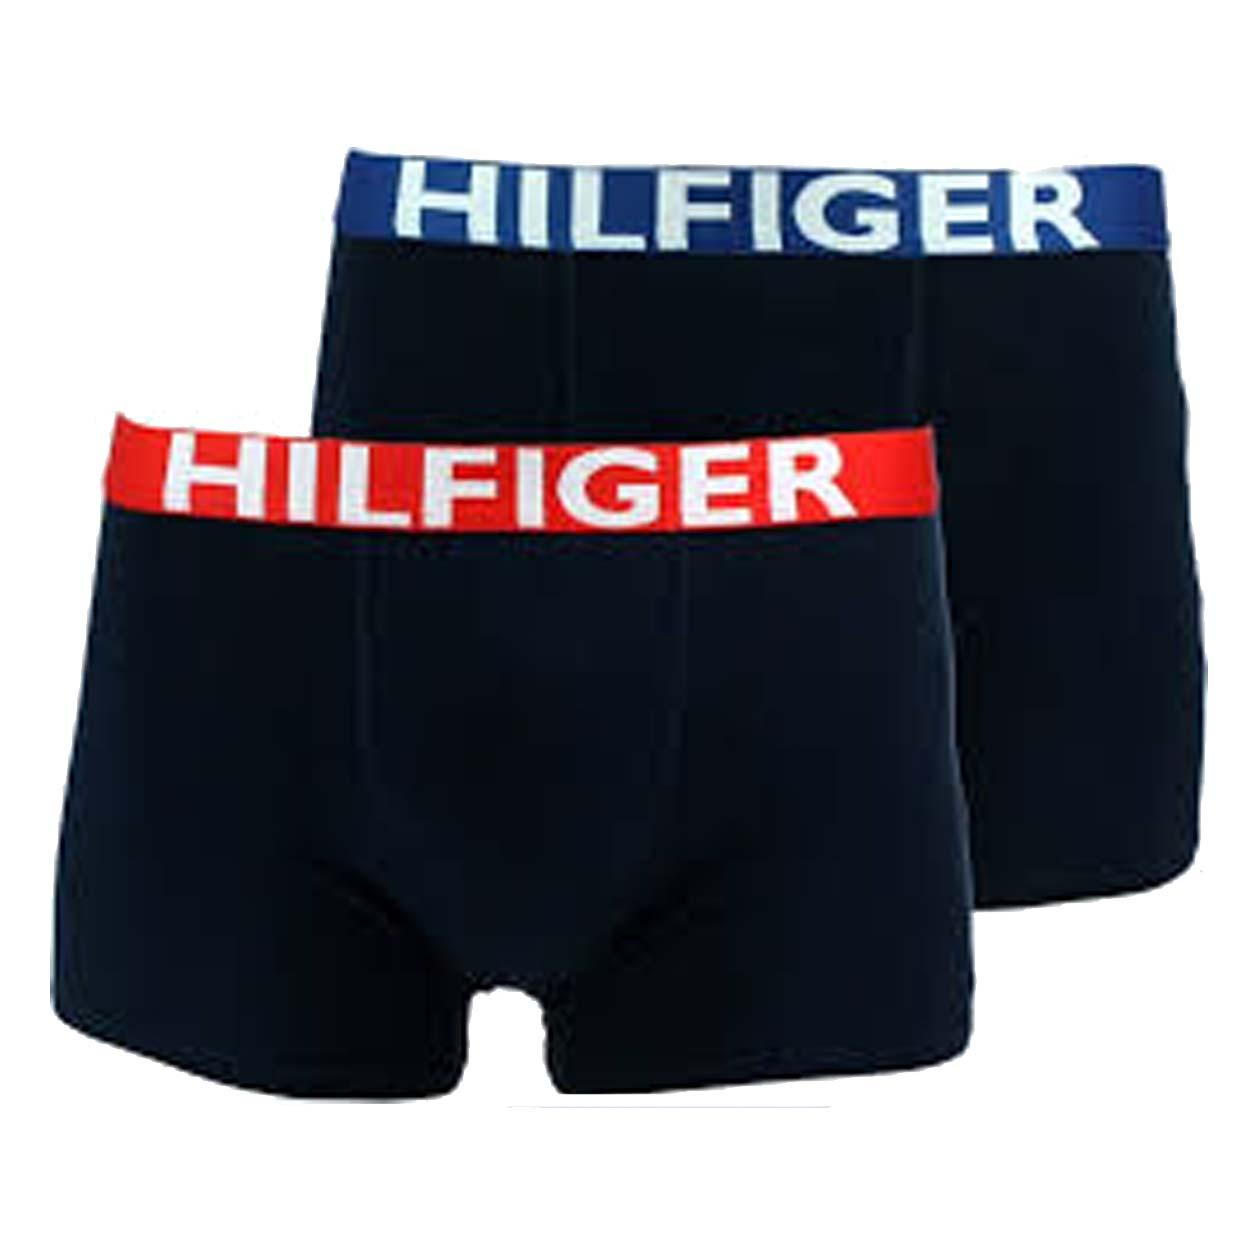 Lot de 2 boxers  en coton stretch bleu marine à ceinture bleu roi et rouge